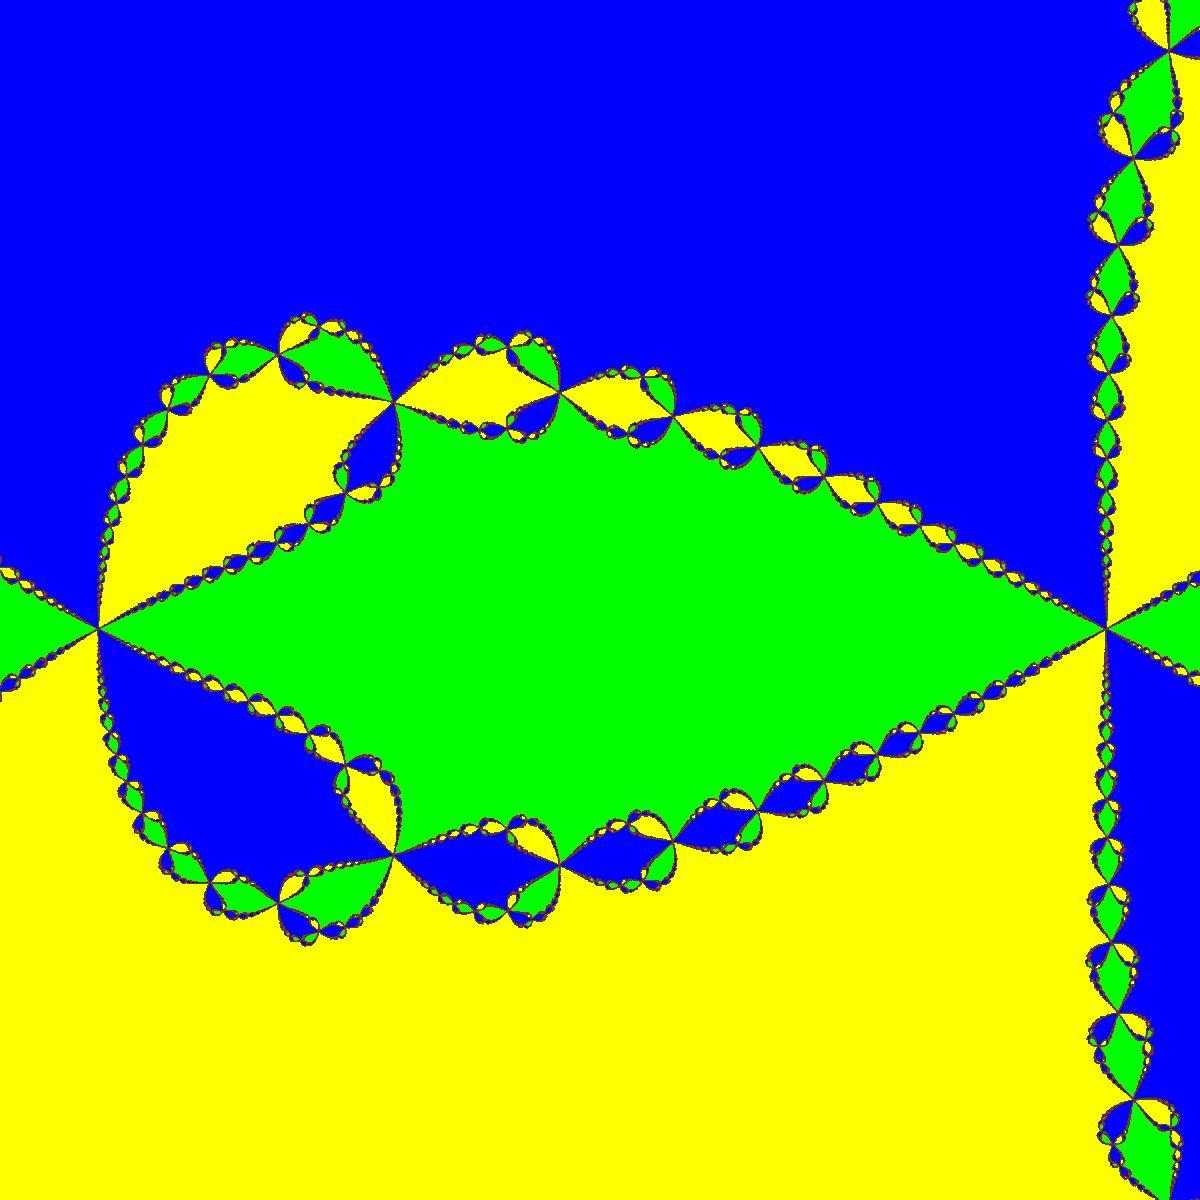 Newton - Basins of Attraction von f(z)=z^3-1, Zoom a